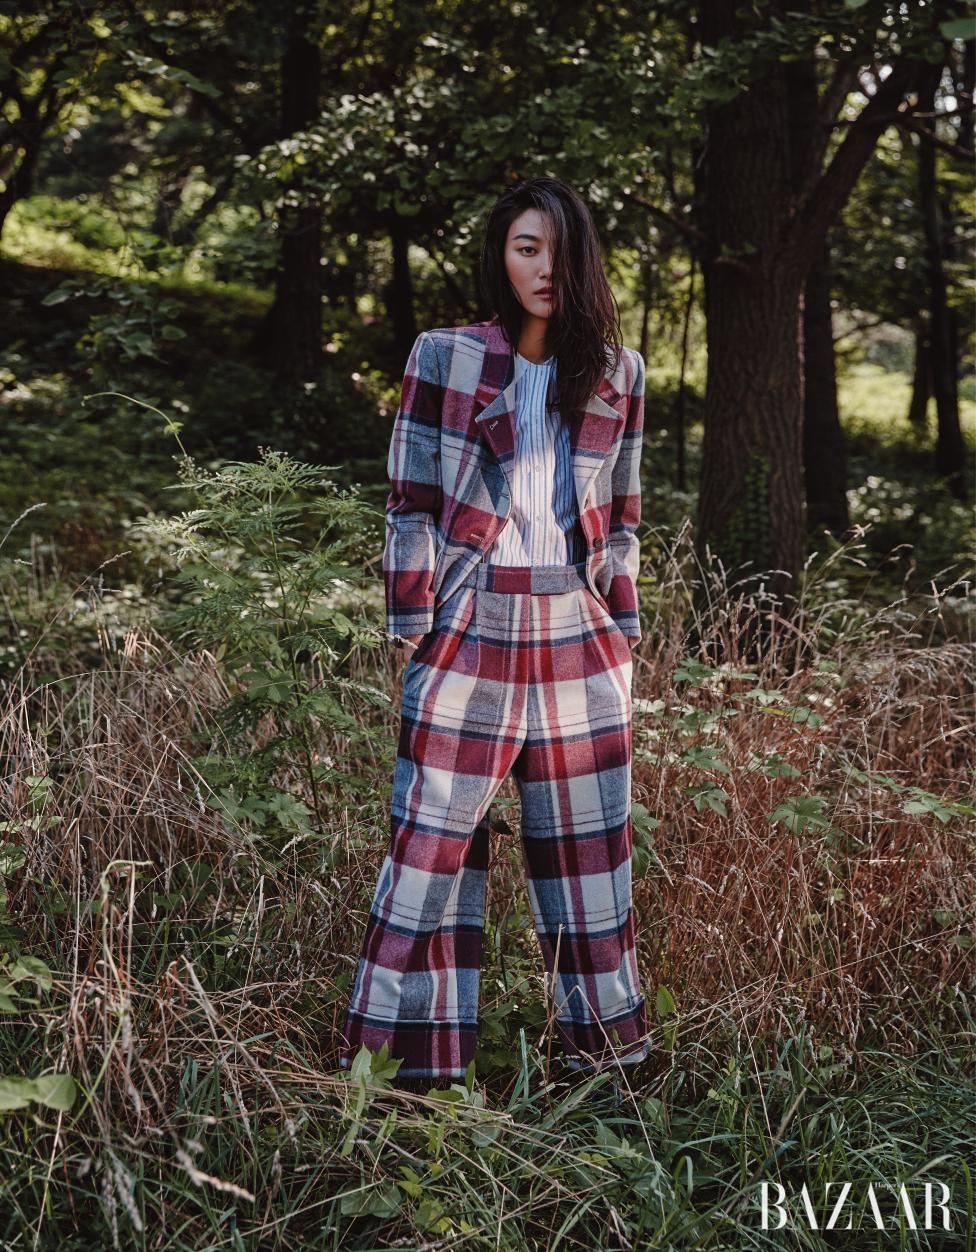 볼드한 체크 패턴의 재킷, 팬츠, 스트라이프 셔츠는 모두 Thom Browne 제품.